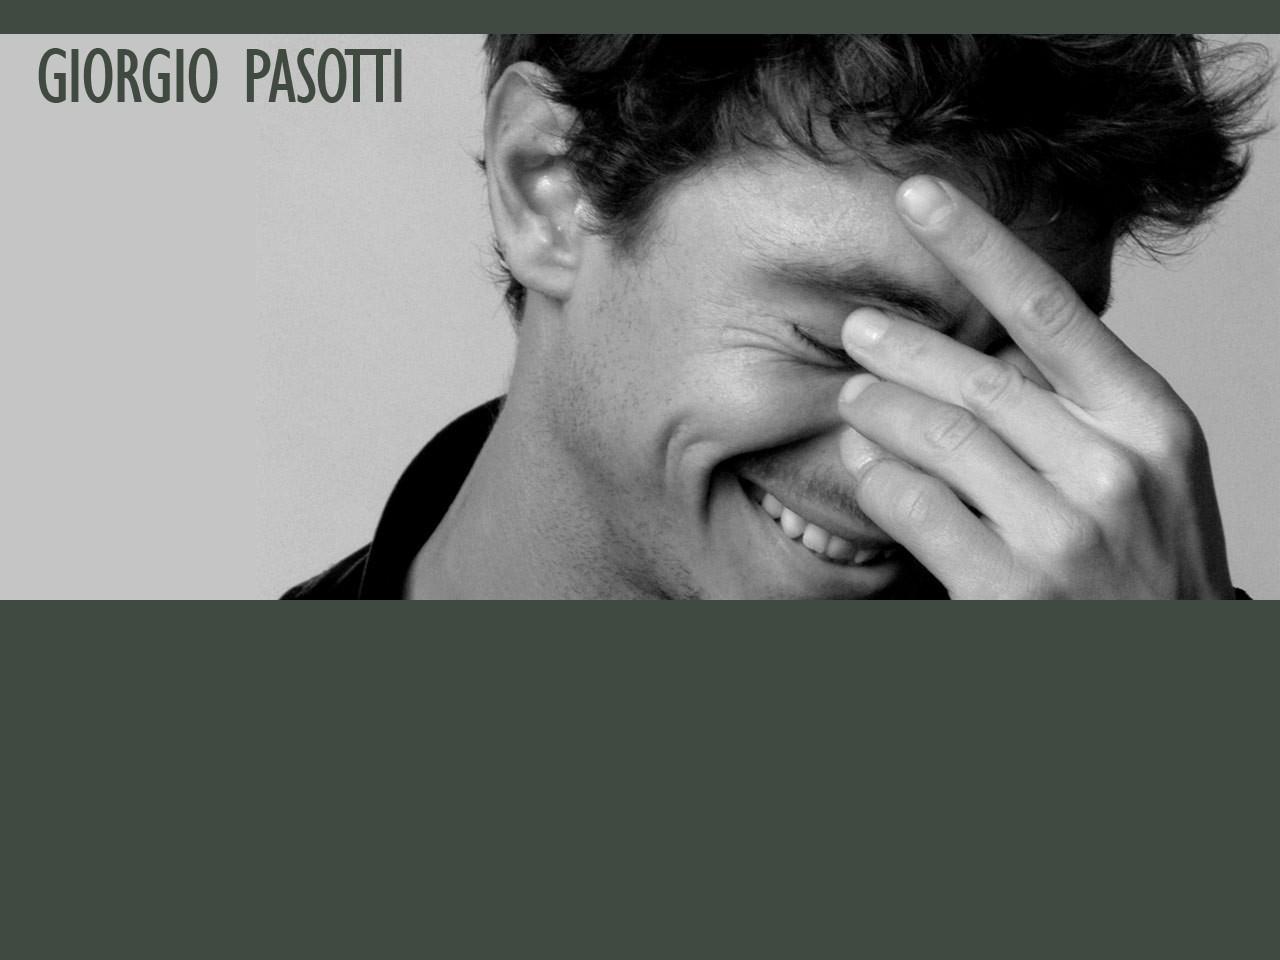 Wallpaper di Giorgio Pasotti